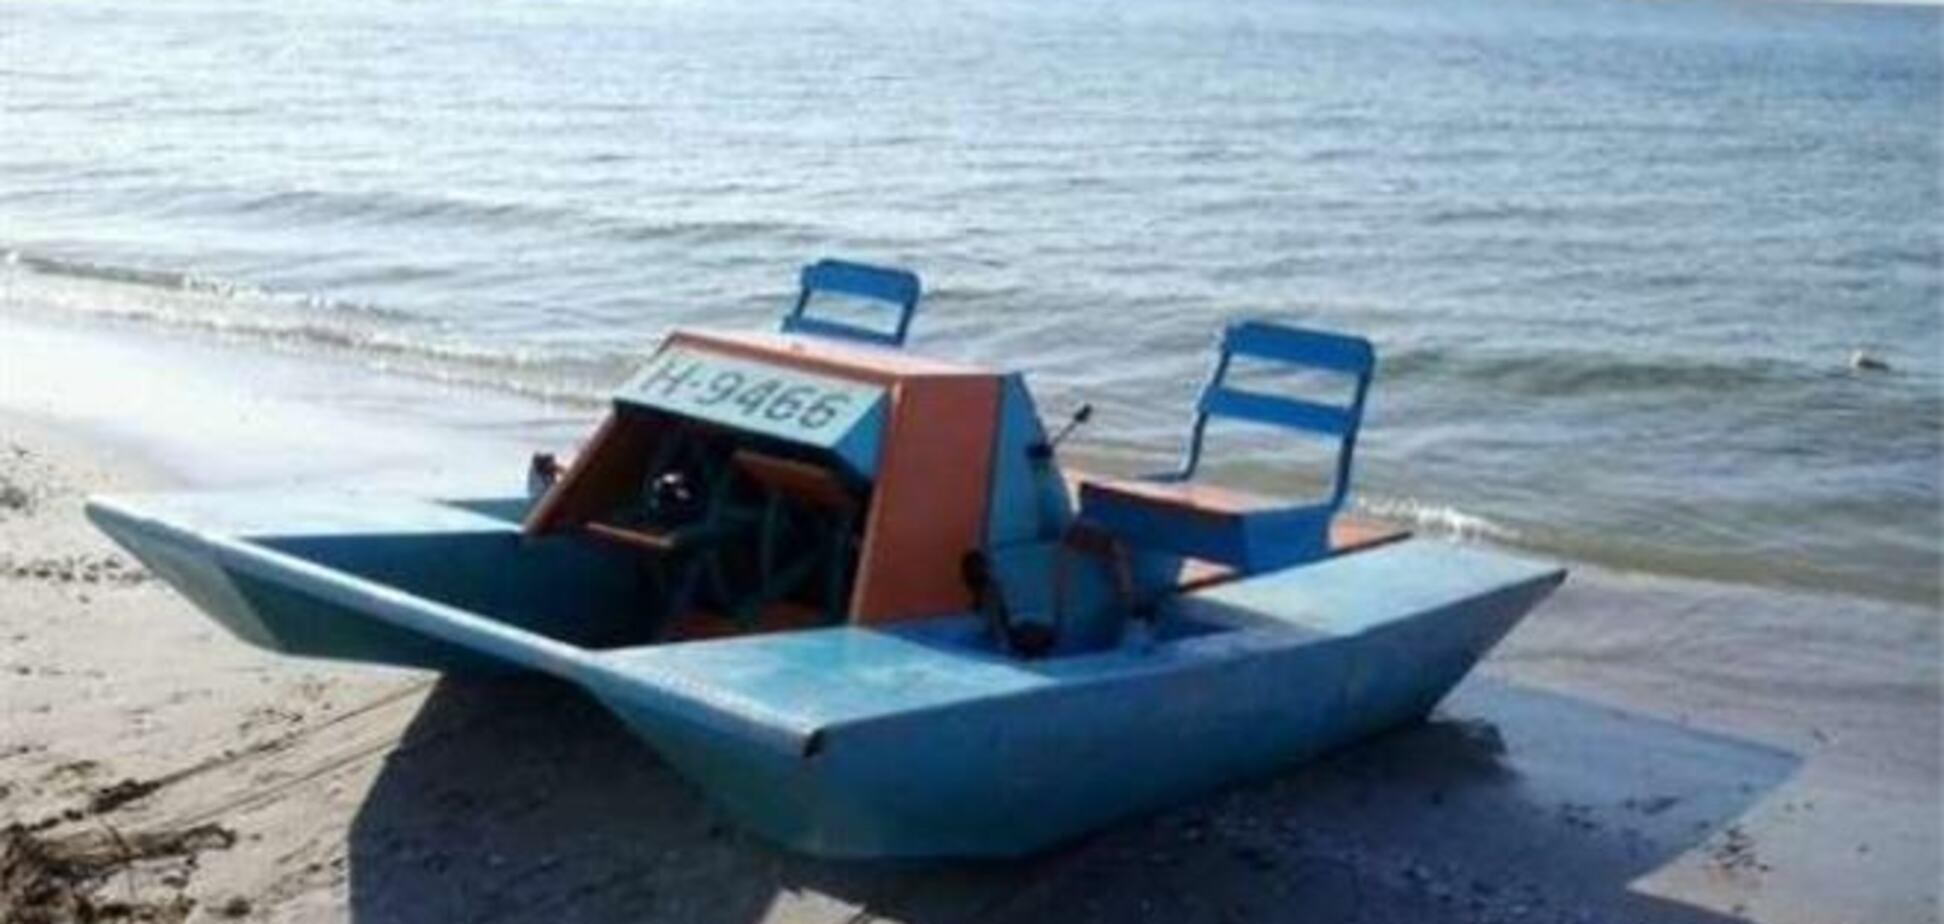 На Дністрі врятували відпочиваючих: людей віднесло течією на катамарані